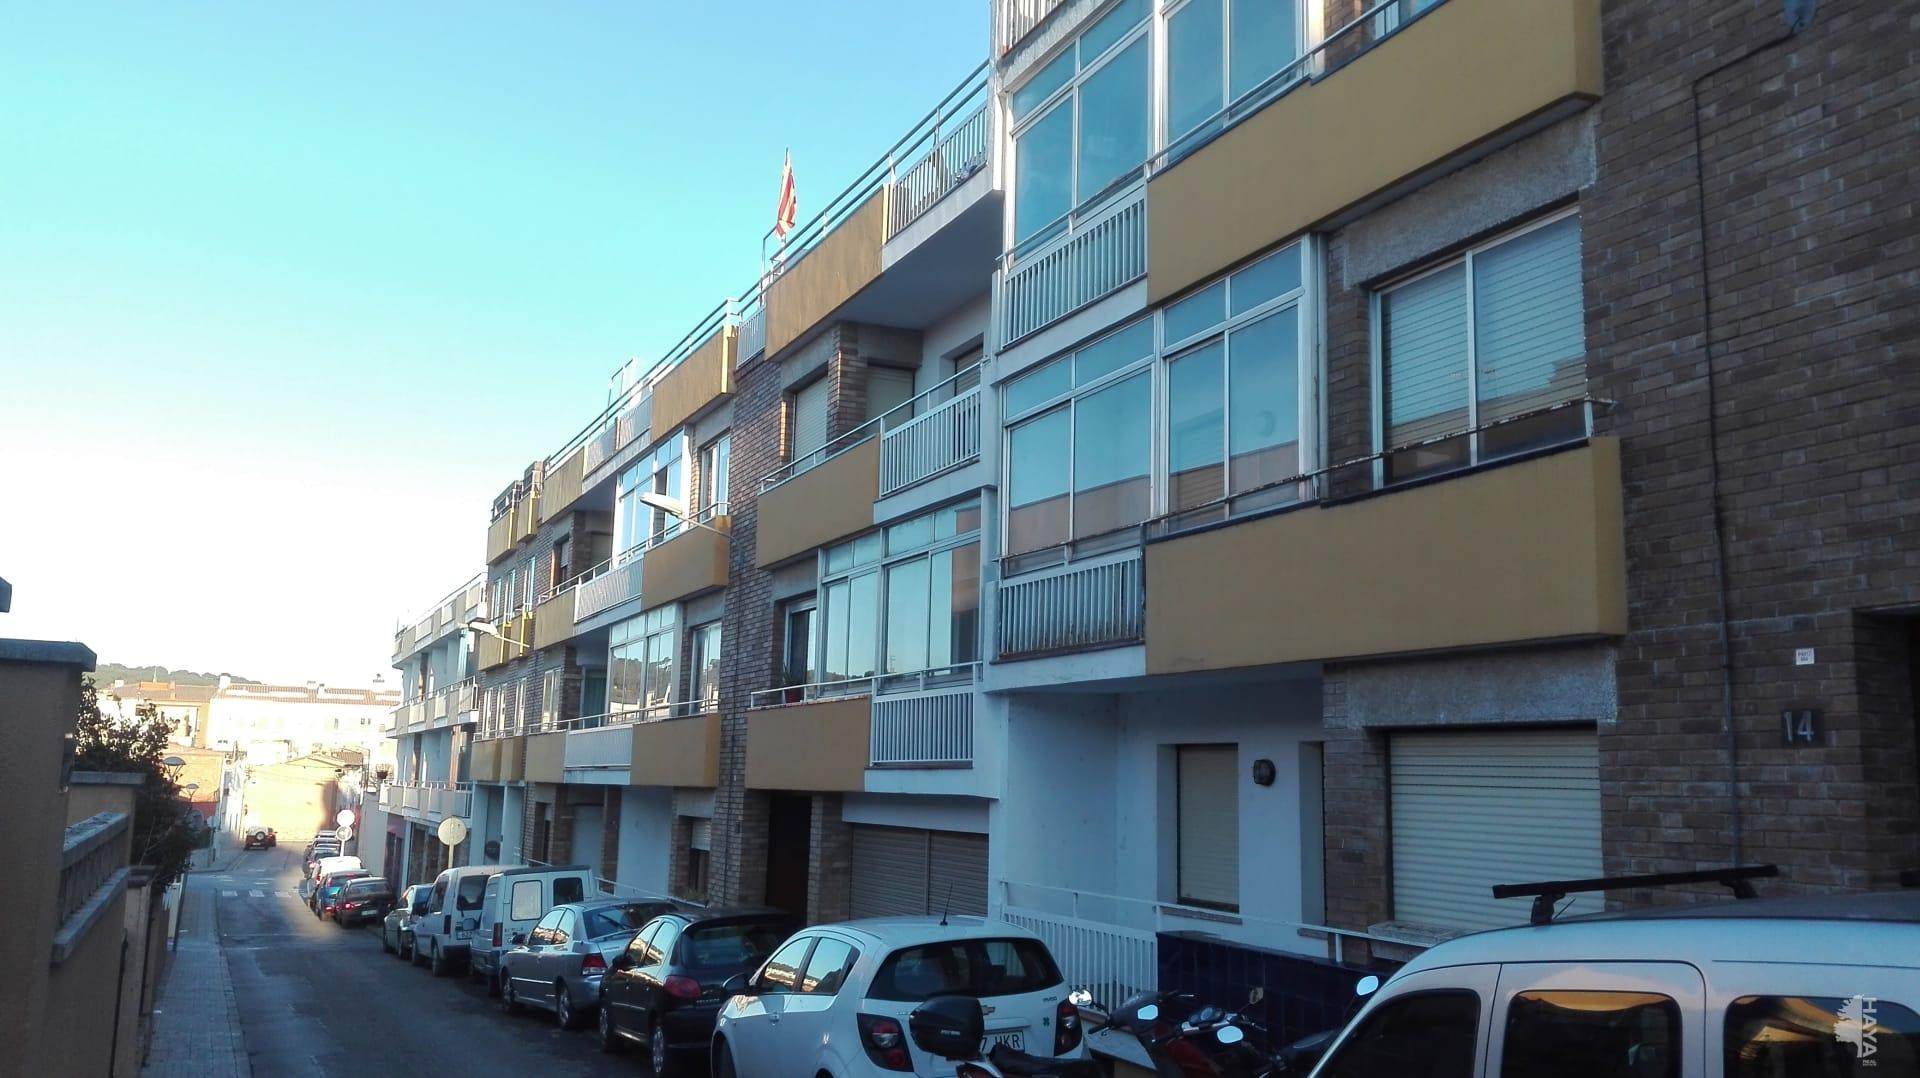 Piso en venta en Palafrugell, Girona, Calle Violeta, 115.170 €, 4 habitaciones, 2 baños, 115 m2